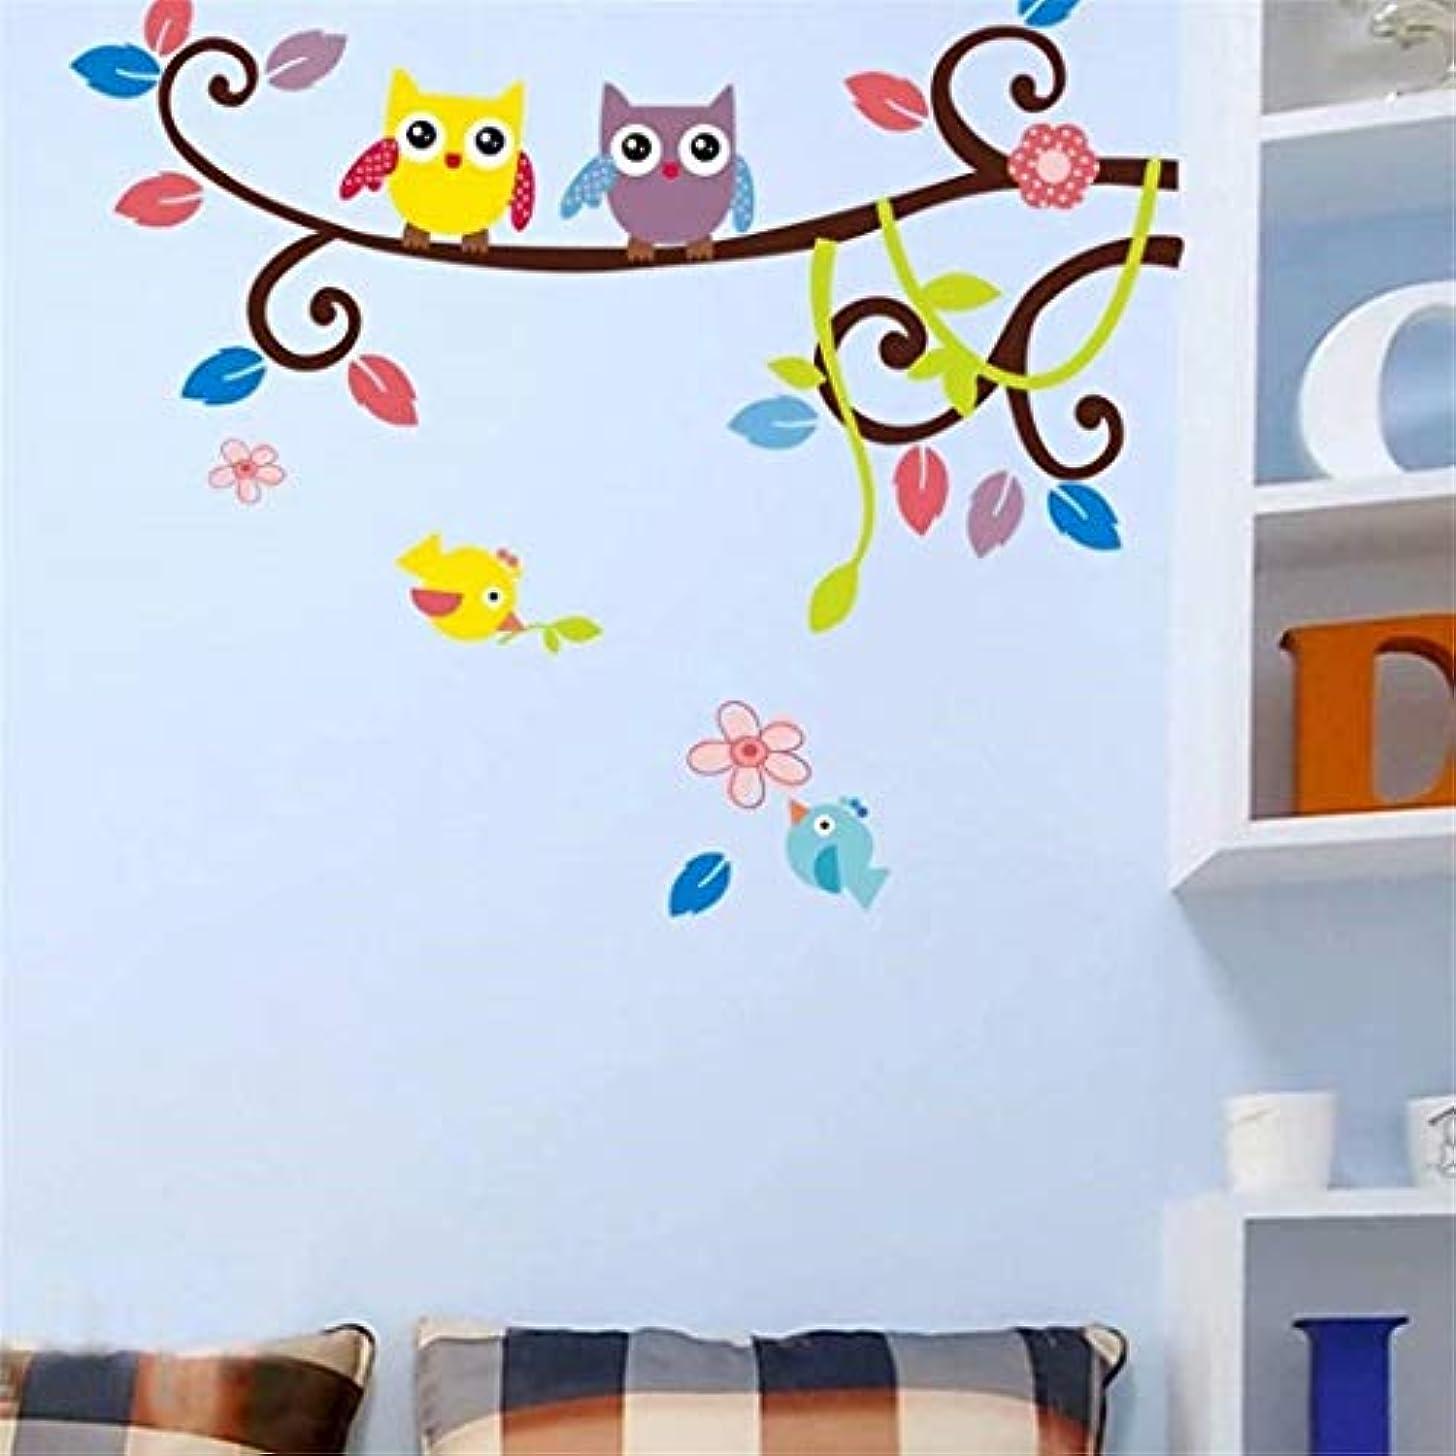 微生物フレキシブルほとんどの場合七里の香 木の漫画の子供の部屋壁飾りウォールステッカー壁の壁画上フクロウ